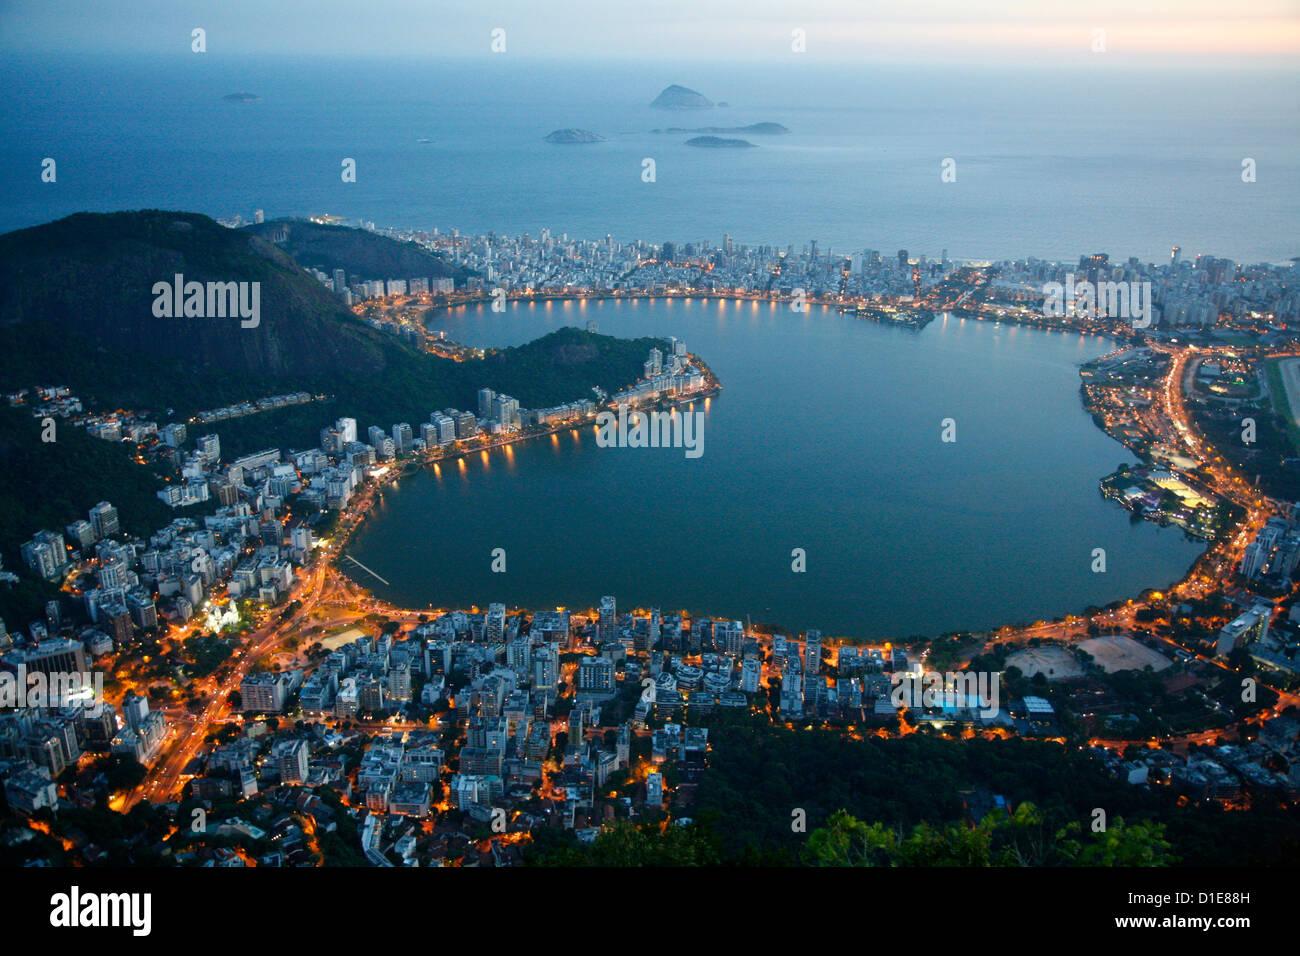 View of Lagoa Rodrigo de Freitas lake, Rio de Janeiro, Brazil, South America - Stock Image